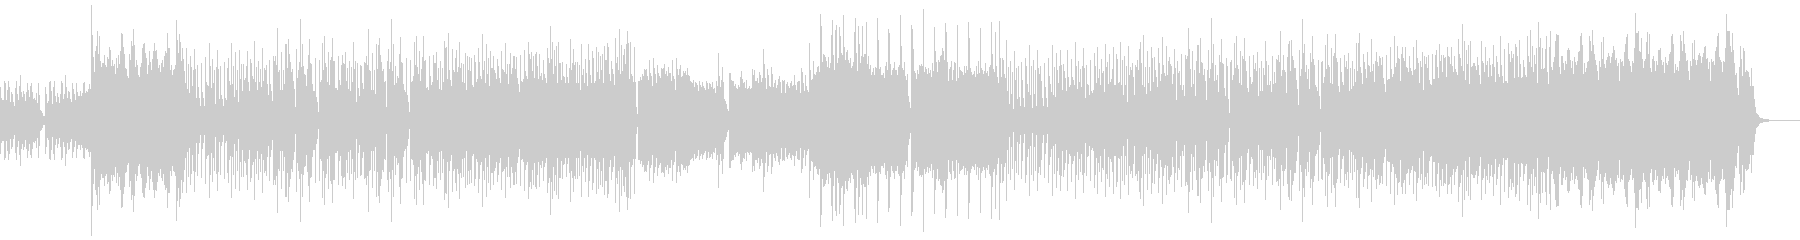 教会のような雰囲気の3拍子のハロウィン曲の未再生の波形